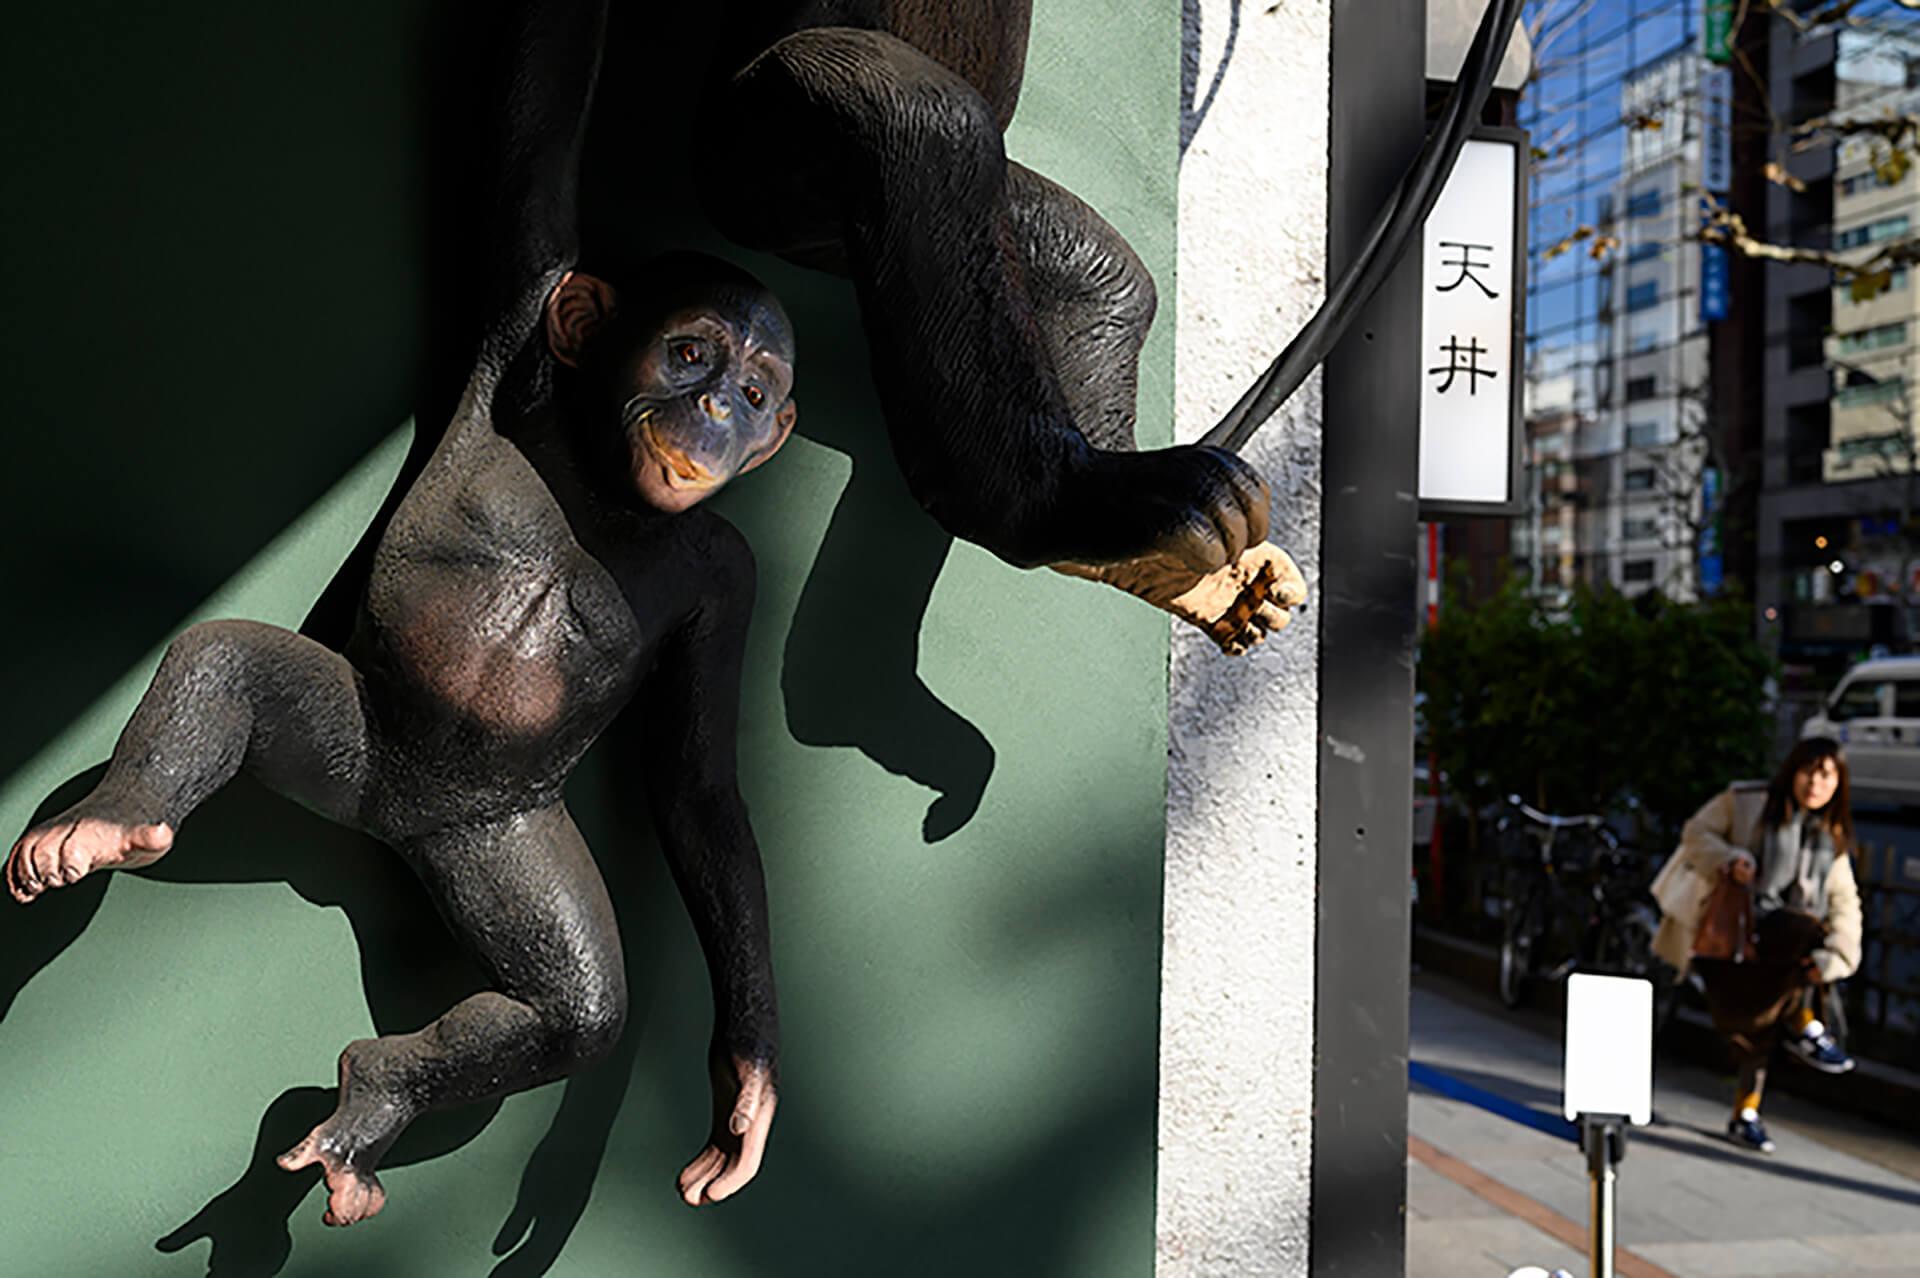 熊切大輔写真展「東京動物園 ナイトサファリ」